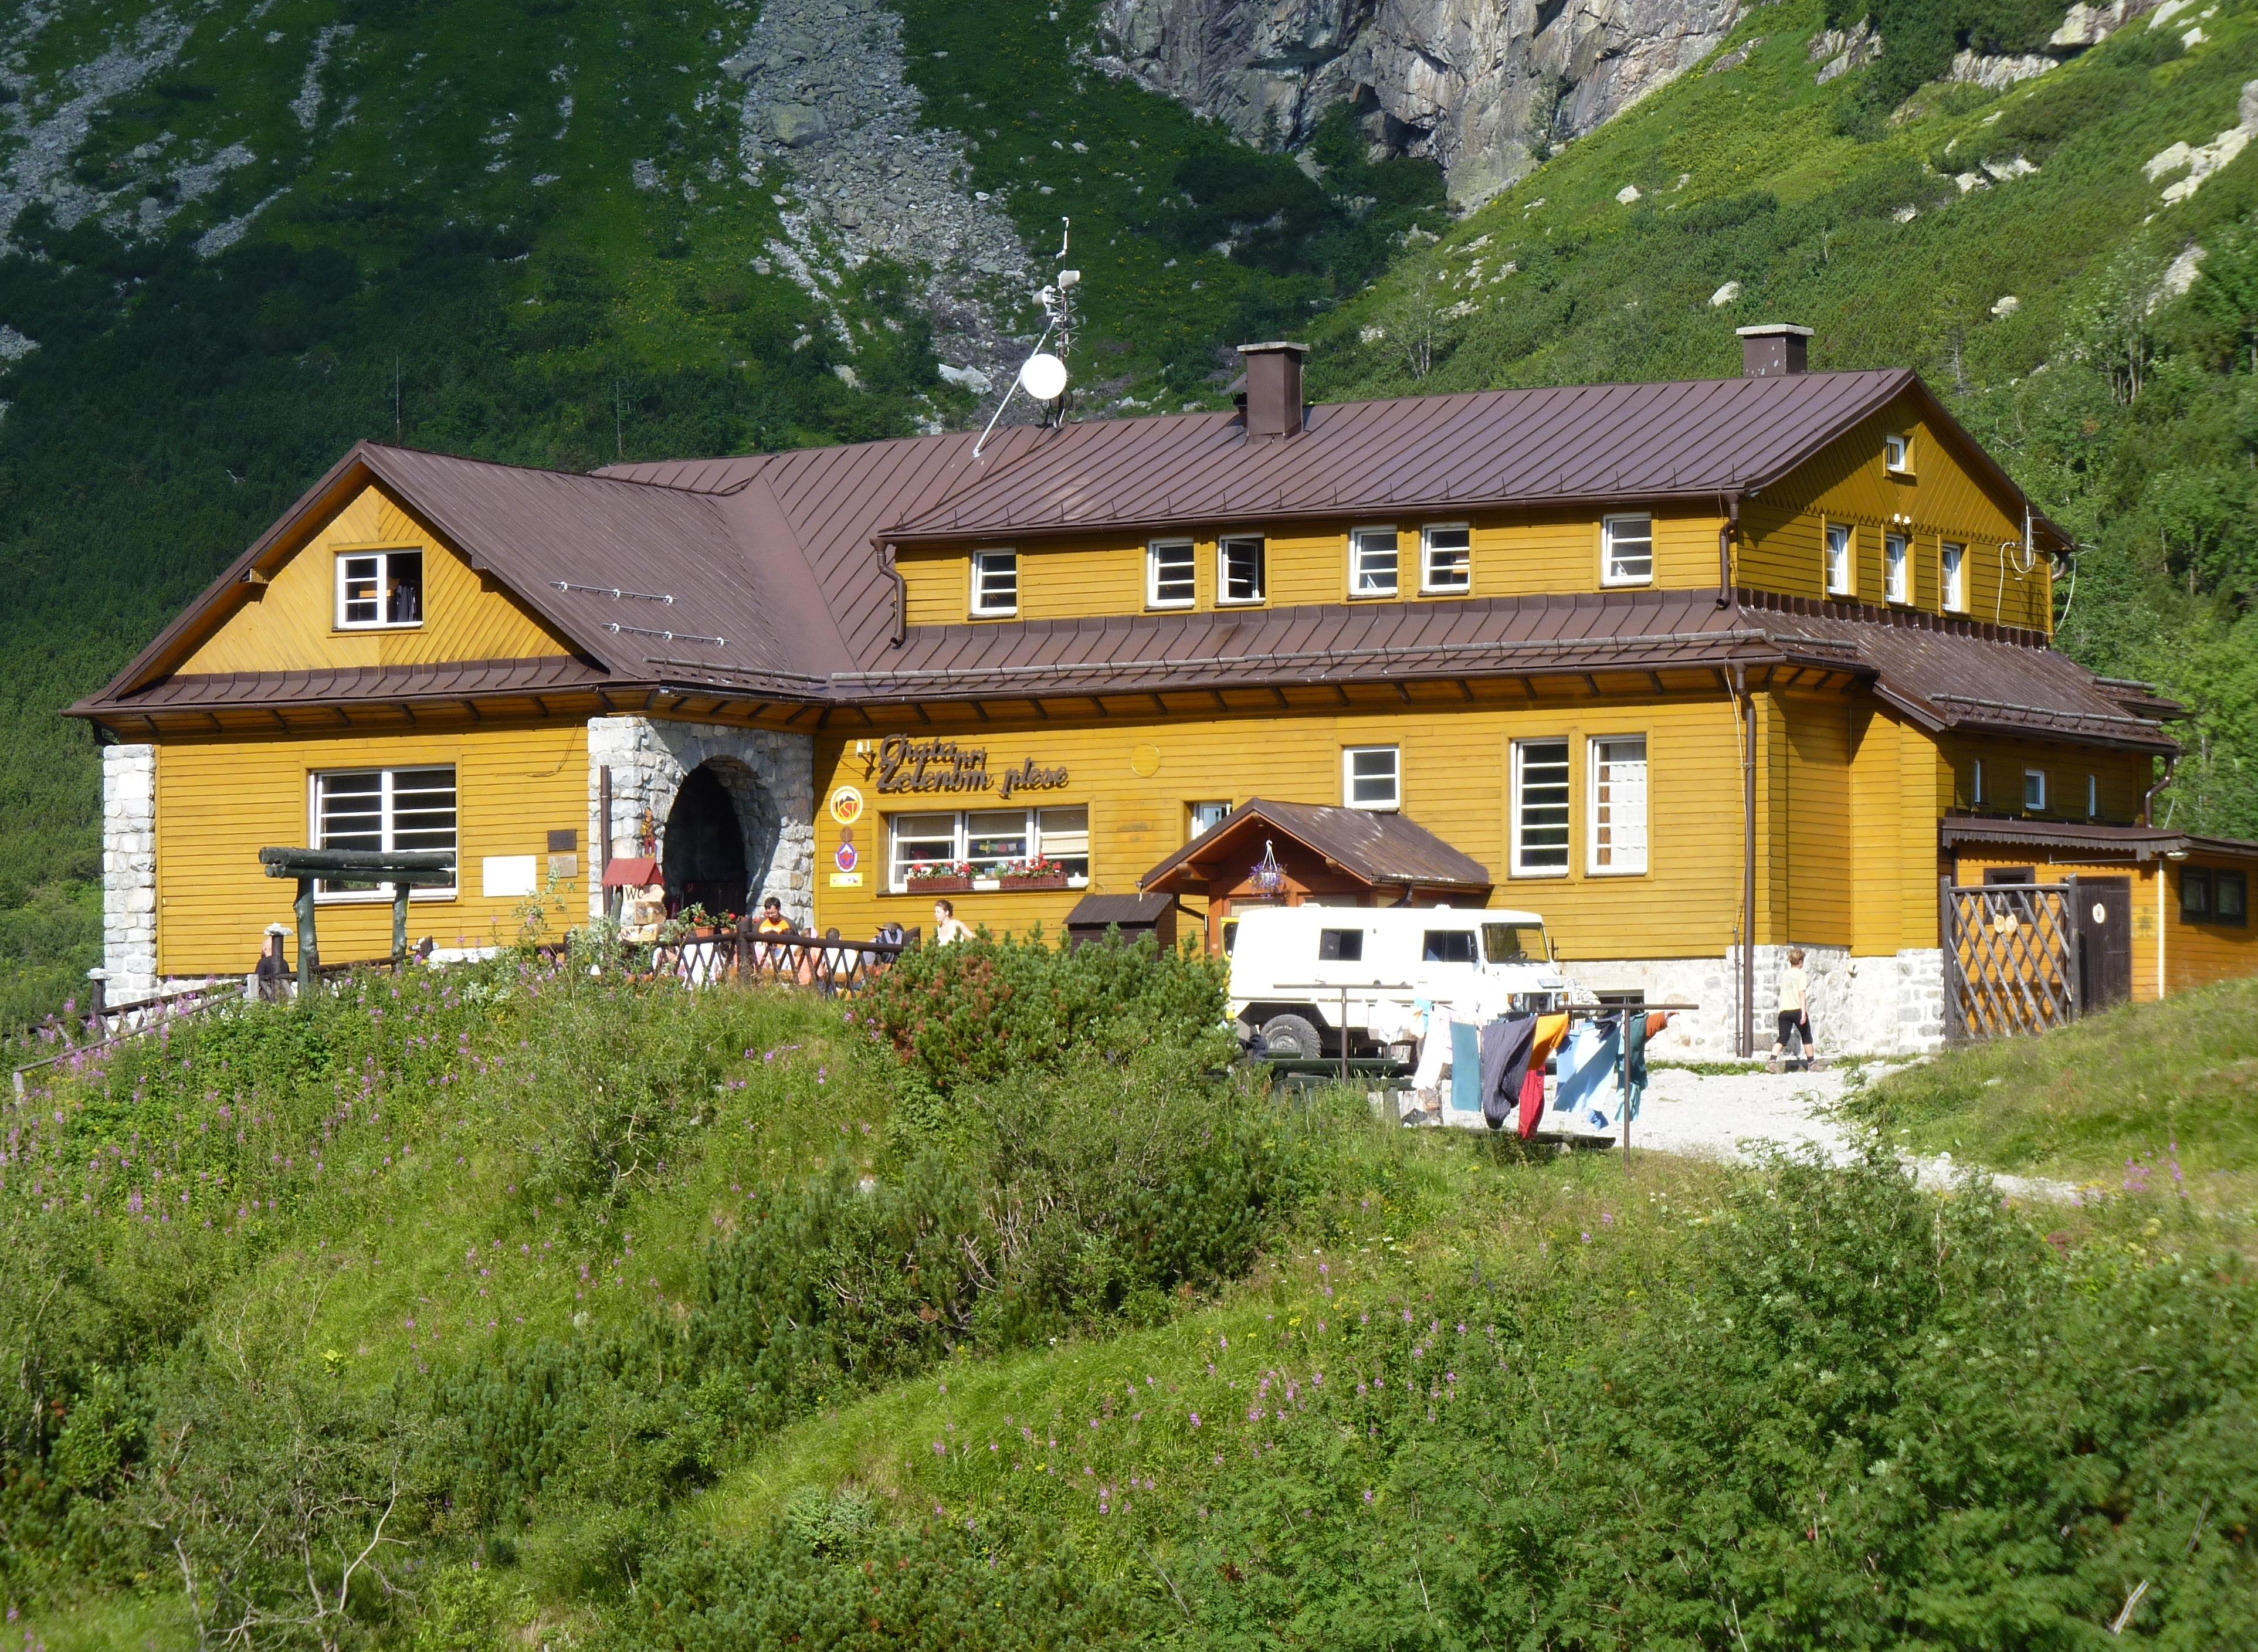 chata pri zelenom plese slovensko Chata pri zelenom plese je pre mnohých ľudí najobľúbenejšou tatranskou chatou leží v krásnom rozprávkovom prostredí obklopená štítmi.